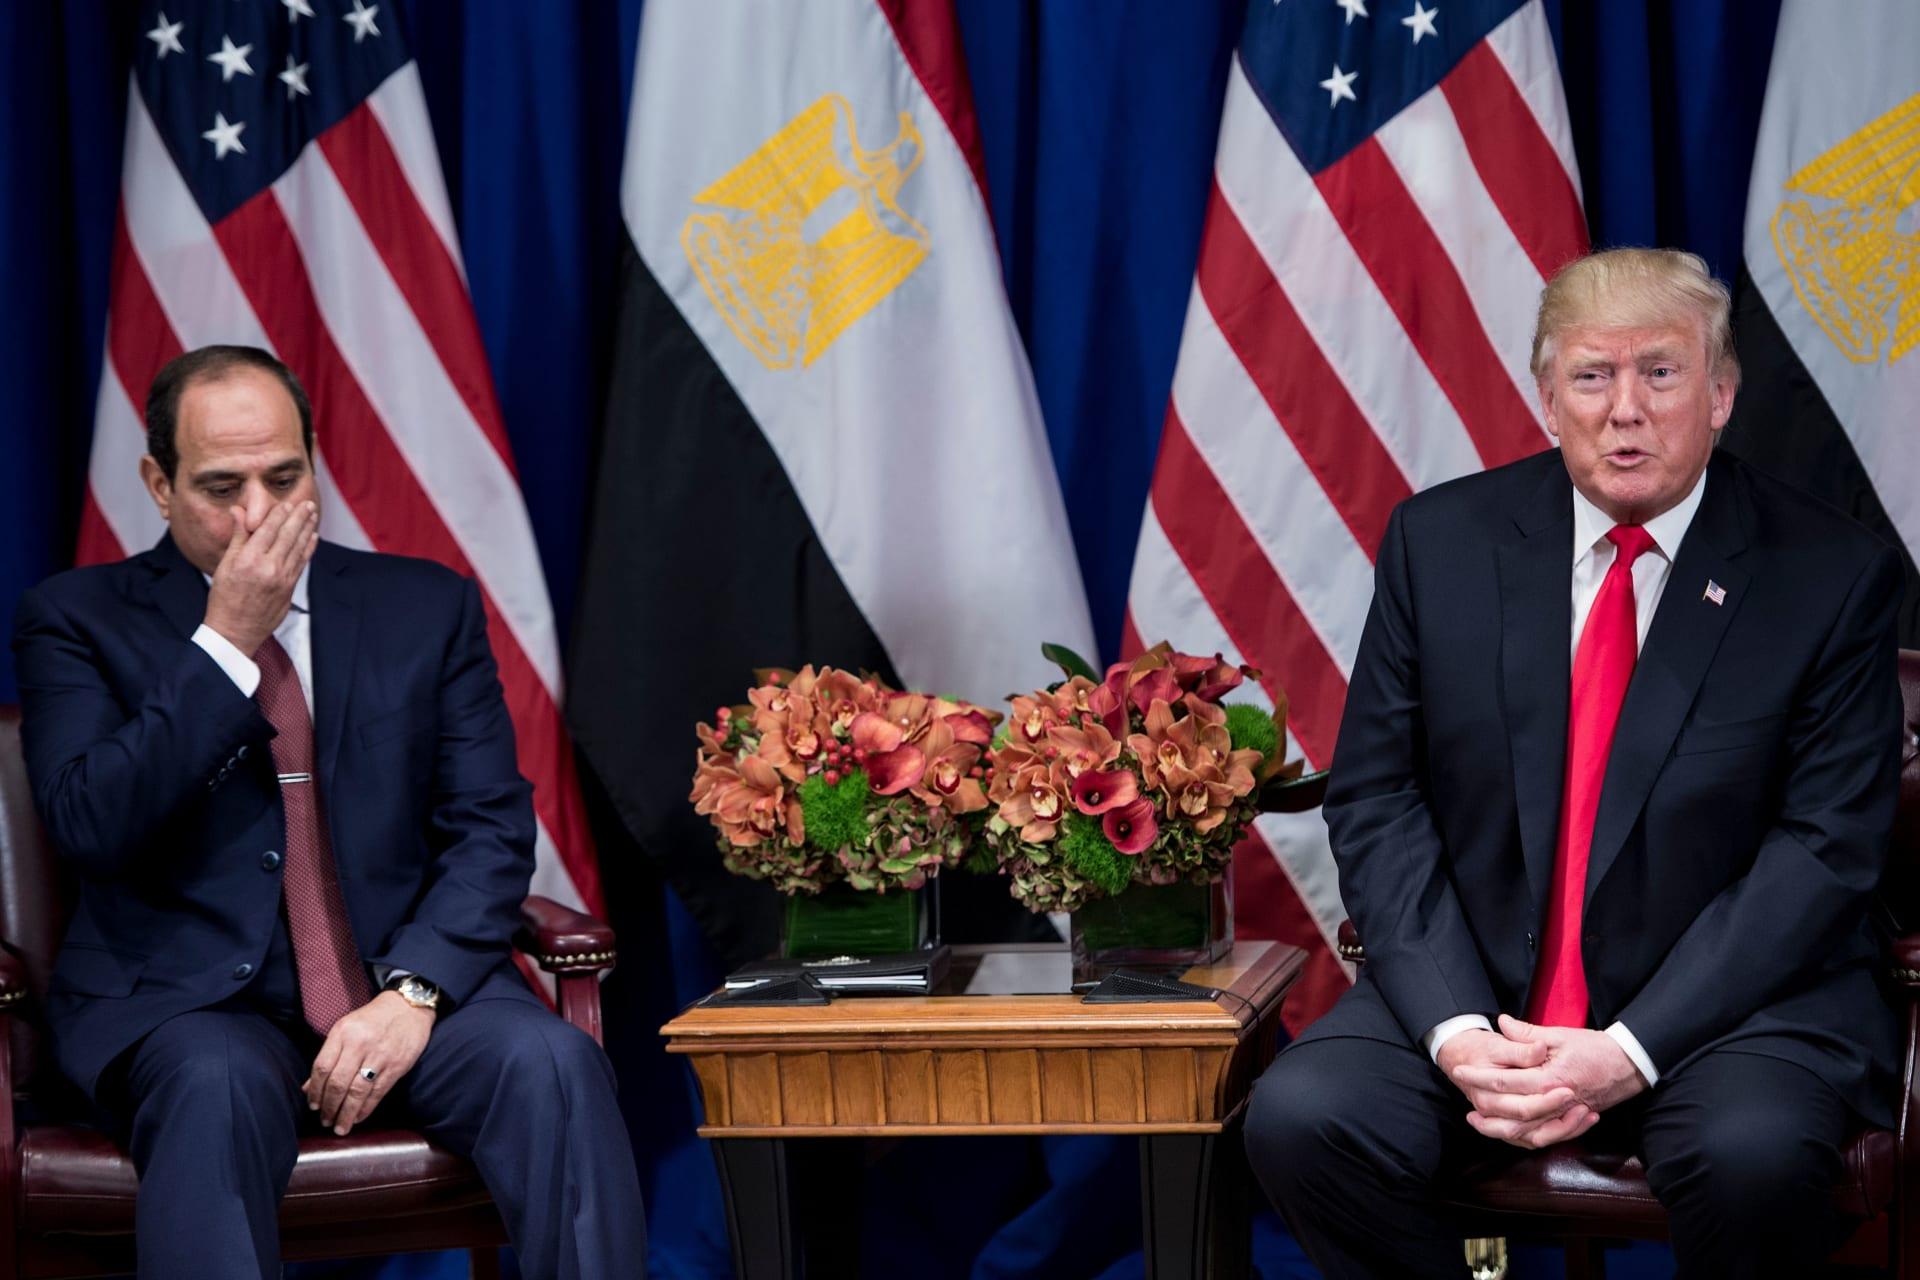 """اتهم النظام المصري بـ""""القتل غير القانوني"""".. القاهرة ترد على تقرير واشنطن حول حقوق الإنسان"""